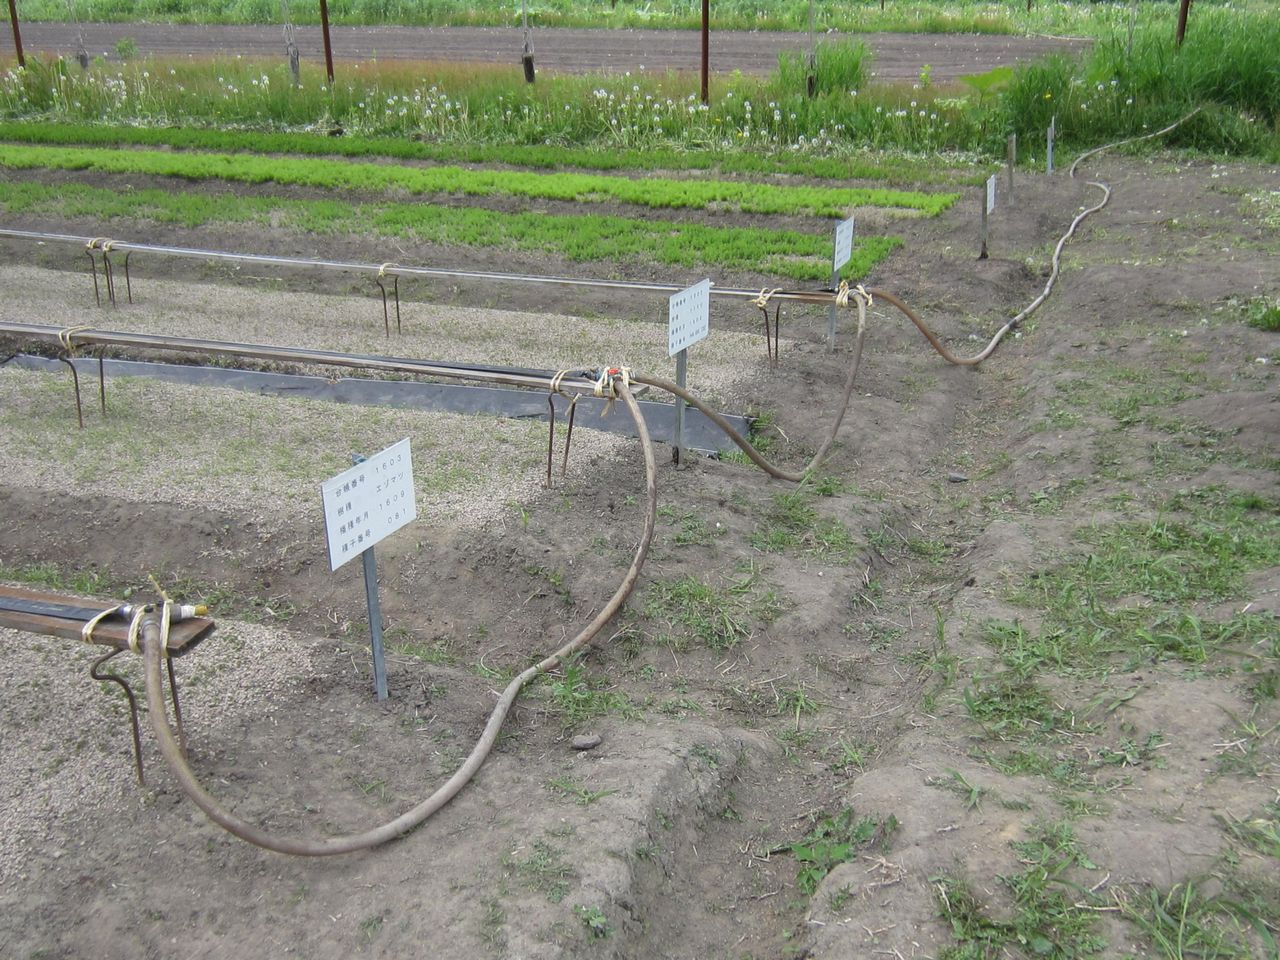 播種床に散水ホース設置。